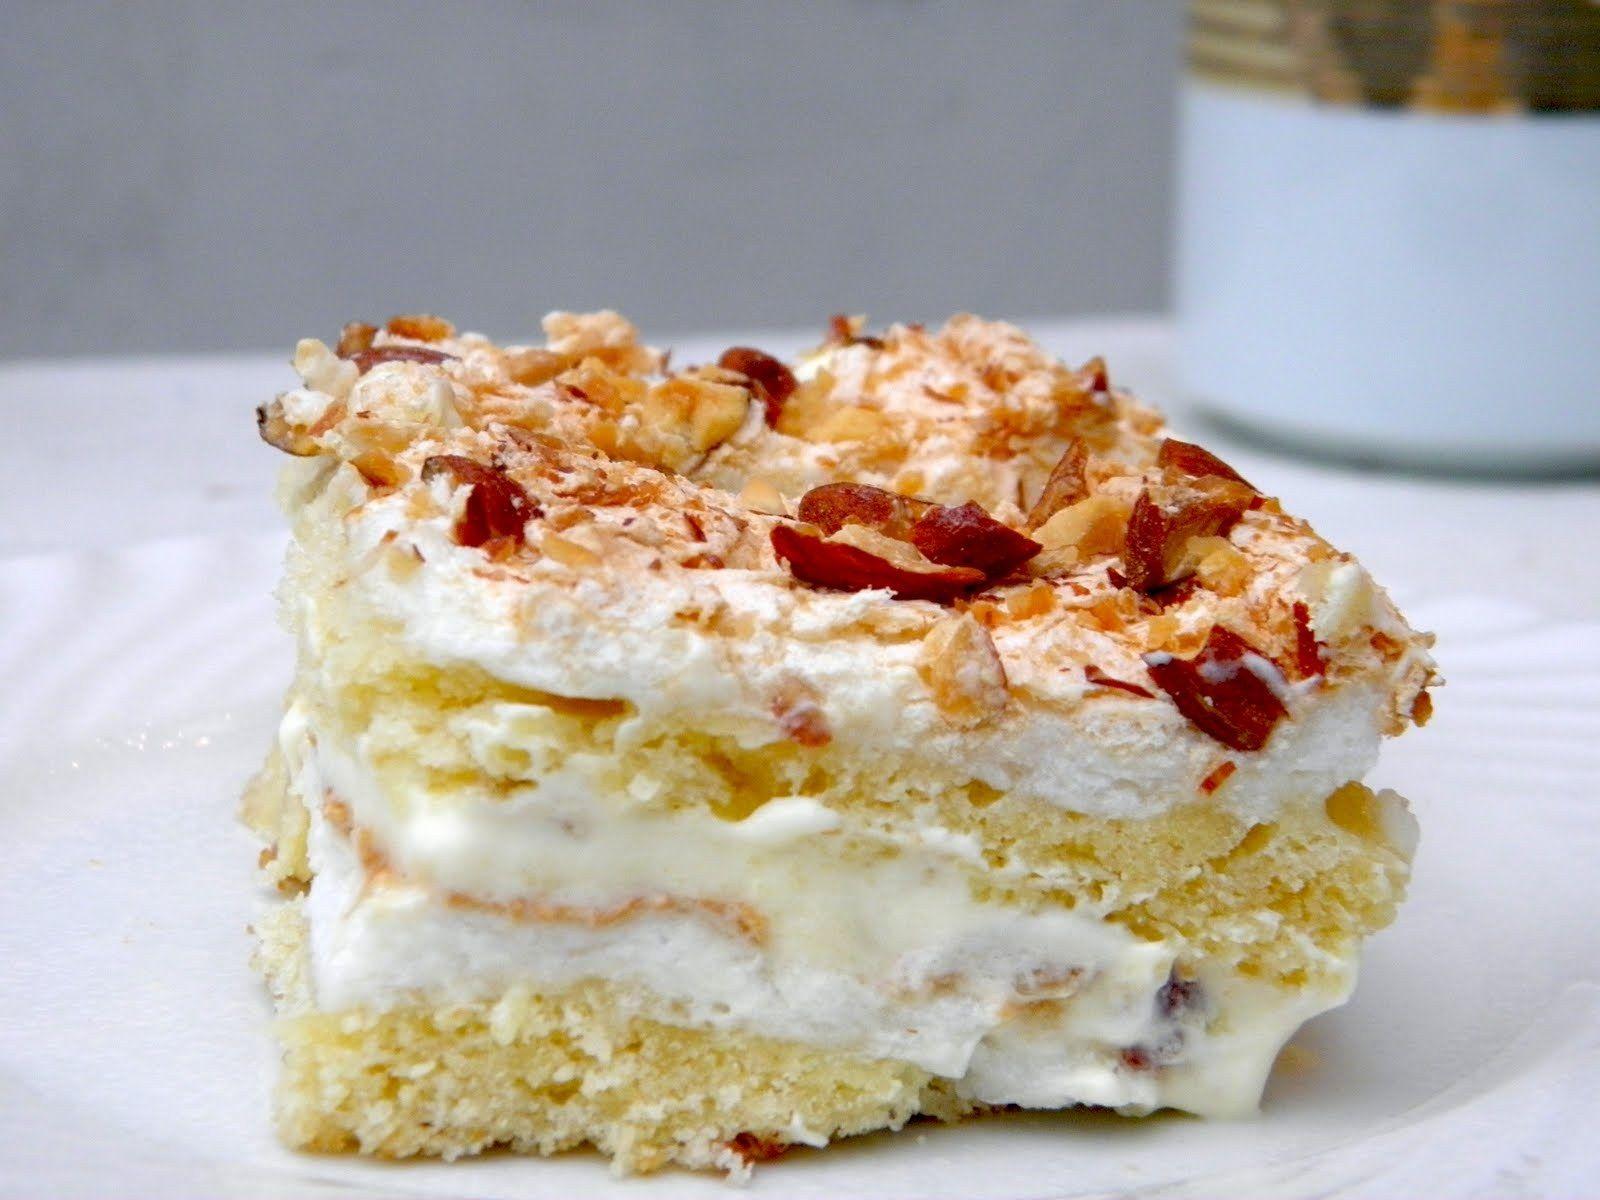 Norwegian kv fjordkake the world s best cake desserts cake desserts norwegian food - Norwegian cuisine recipes ...